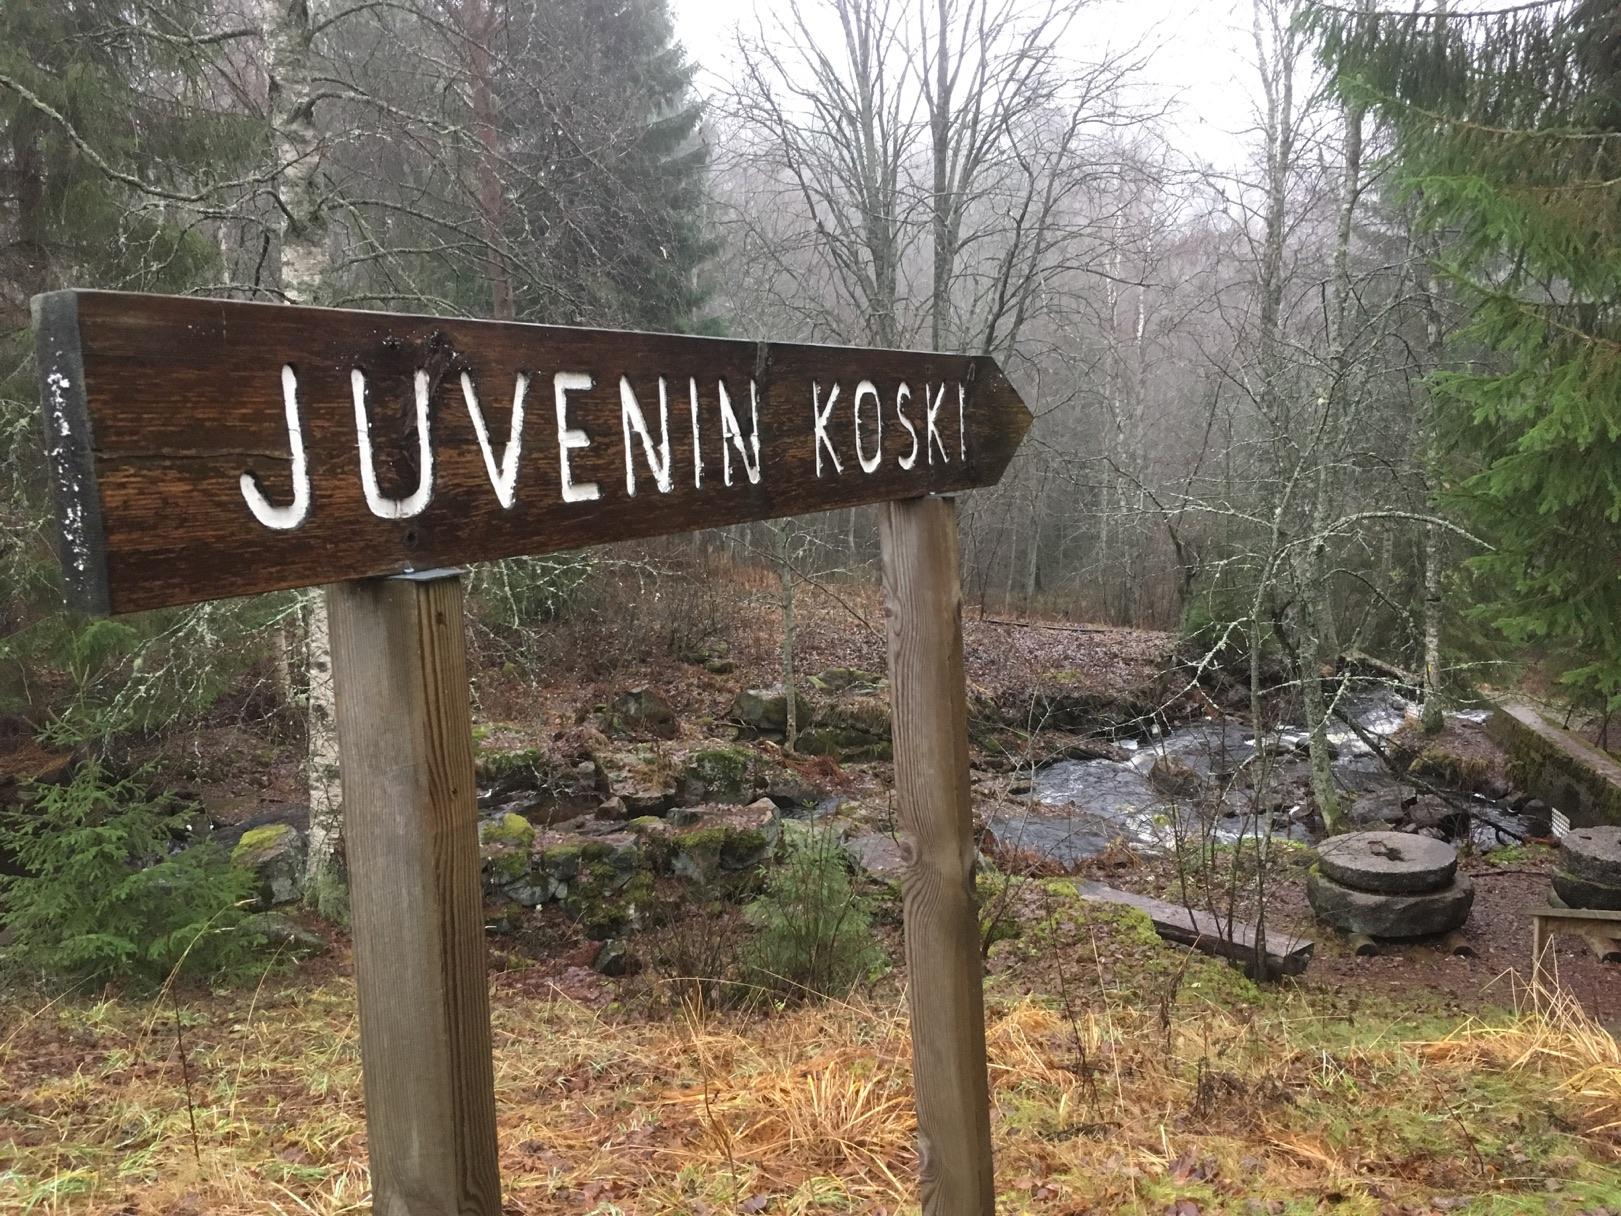 Juveninkoski in Jämsä